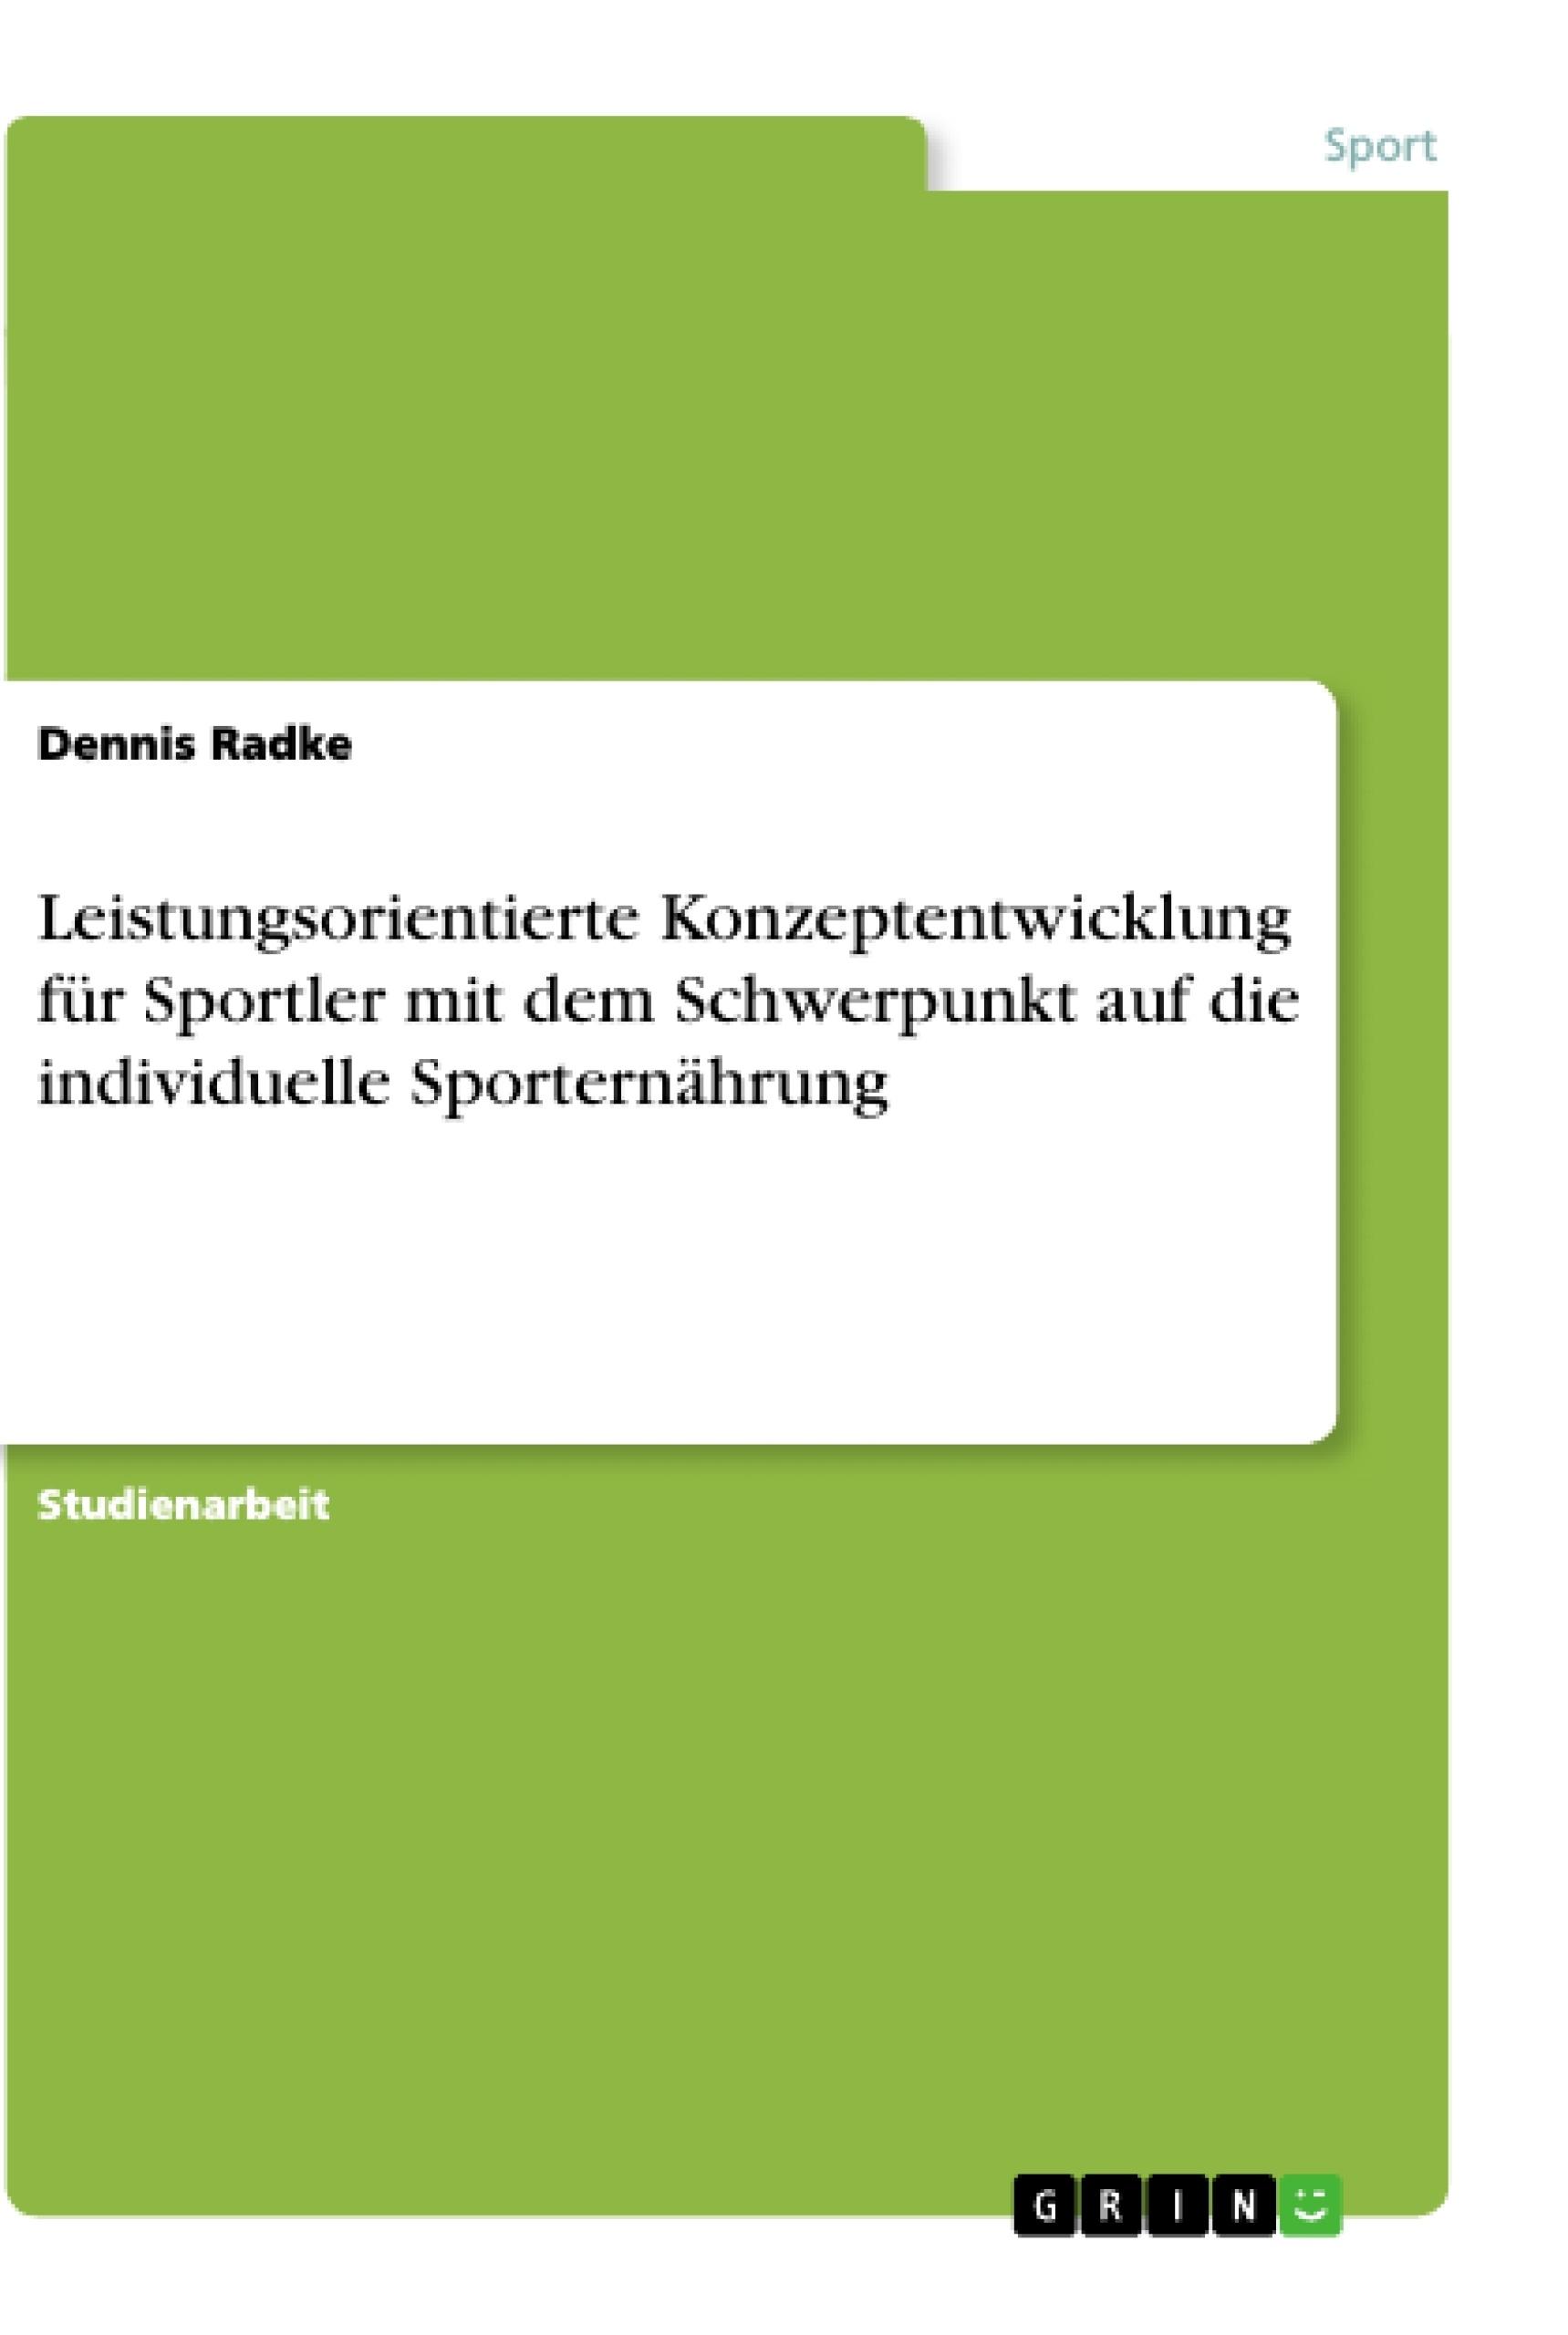 Titel: Leistungsorientierte Konzeptentwicklung für Sportler mit dem Schwerpunkt auf die individuelle Sporternährung